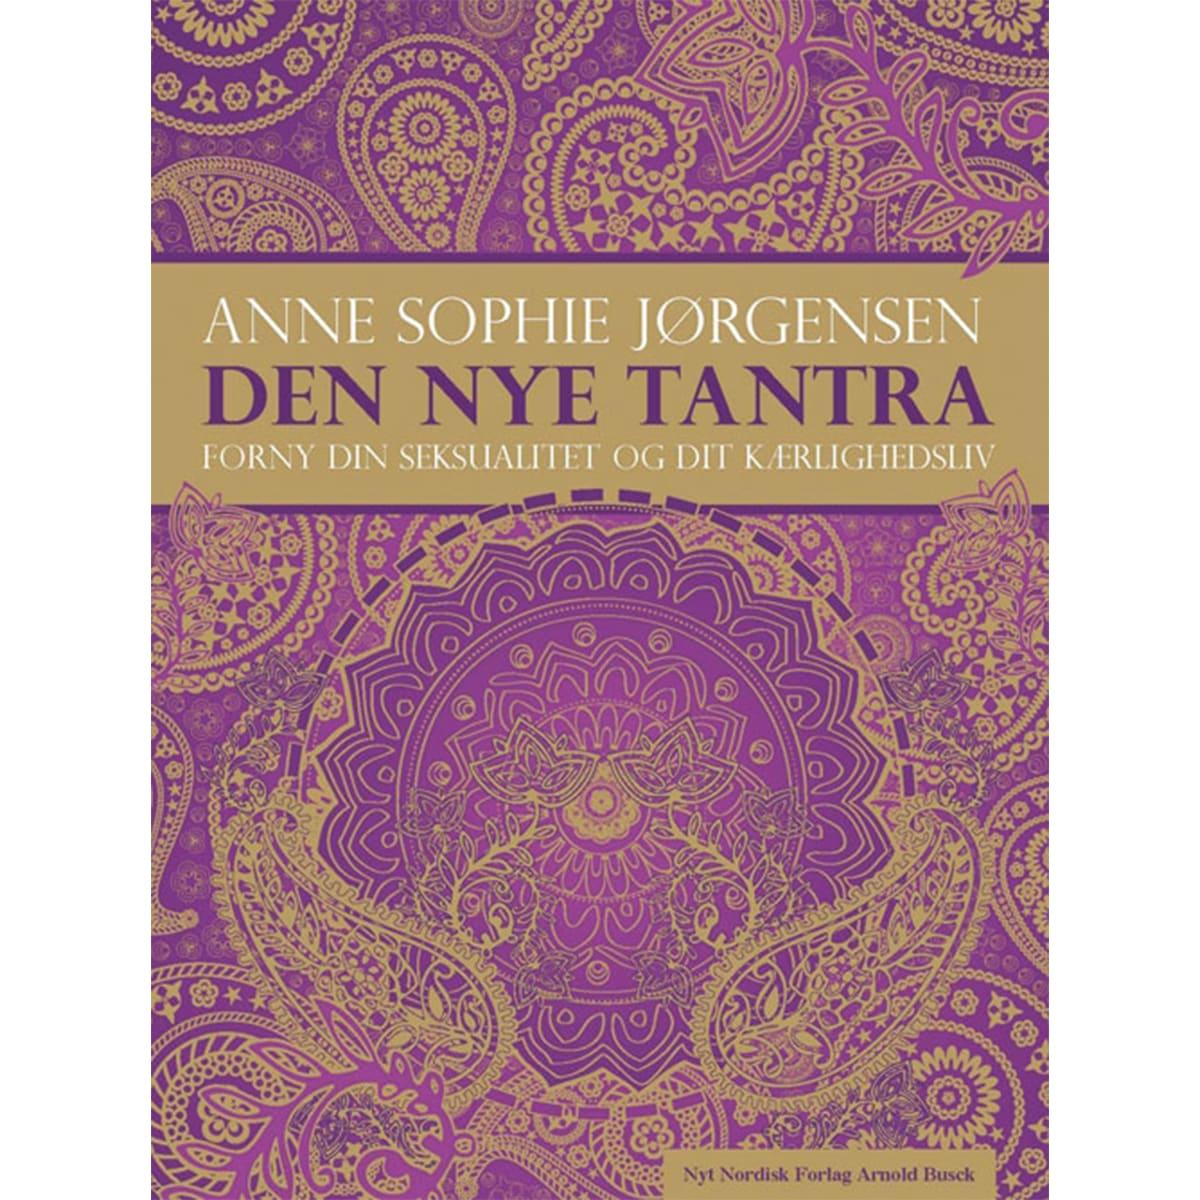 Af Anne Sophie Jørgensen